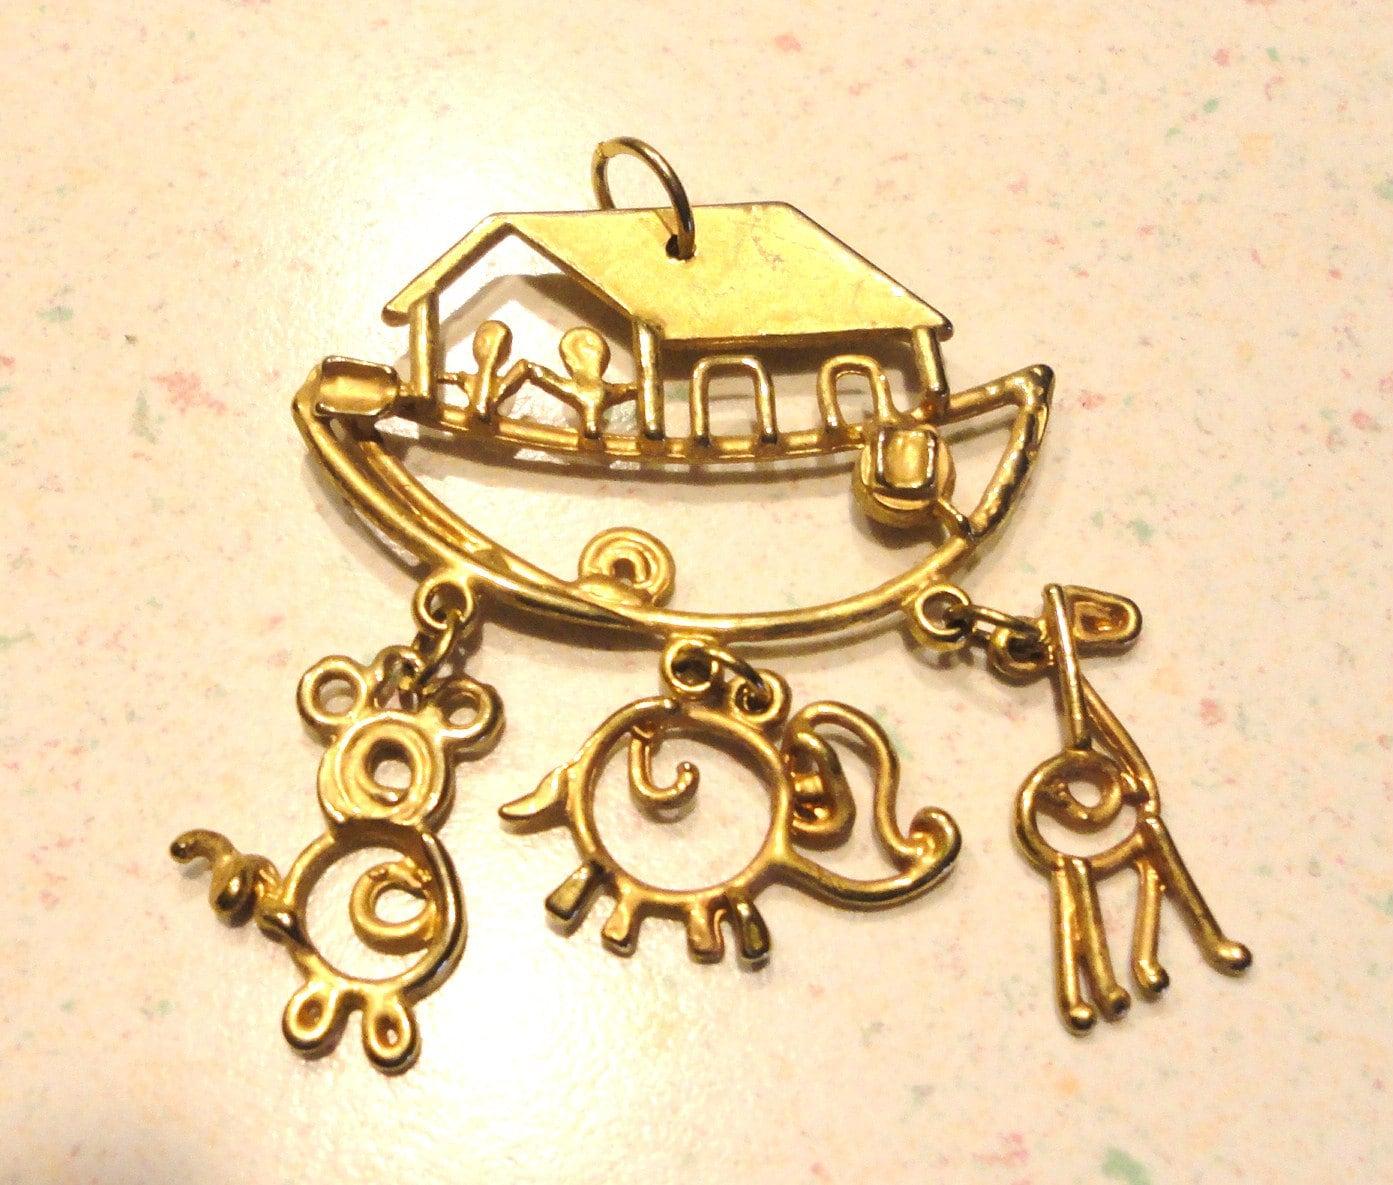 Gold Tone Pendant Lighting : Noah s ark gold tone pendant